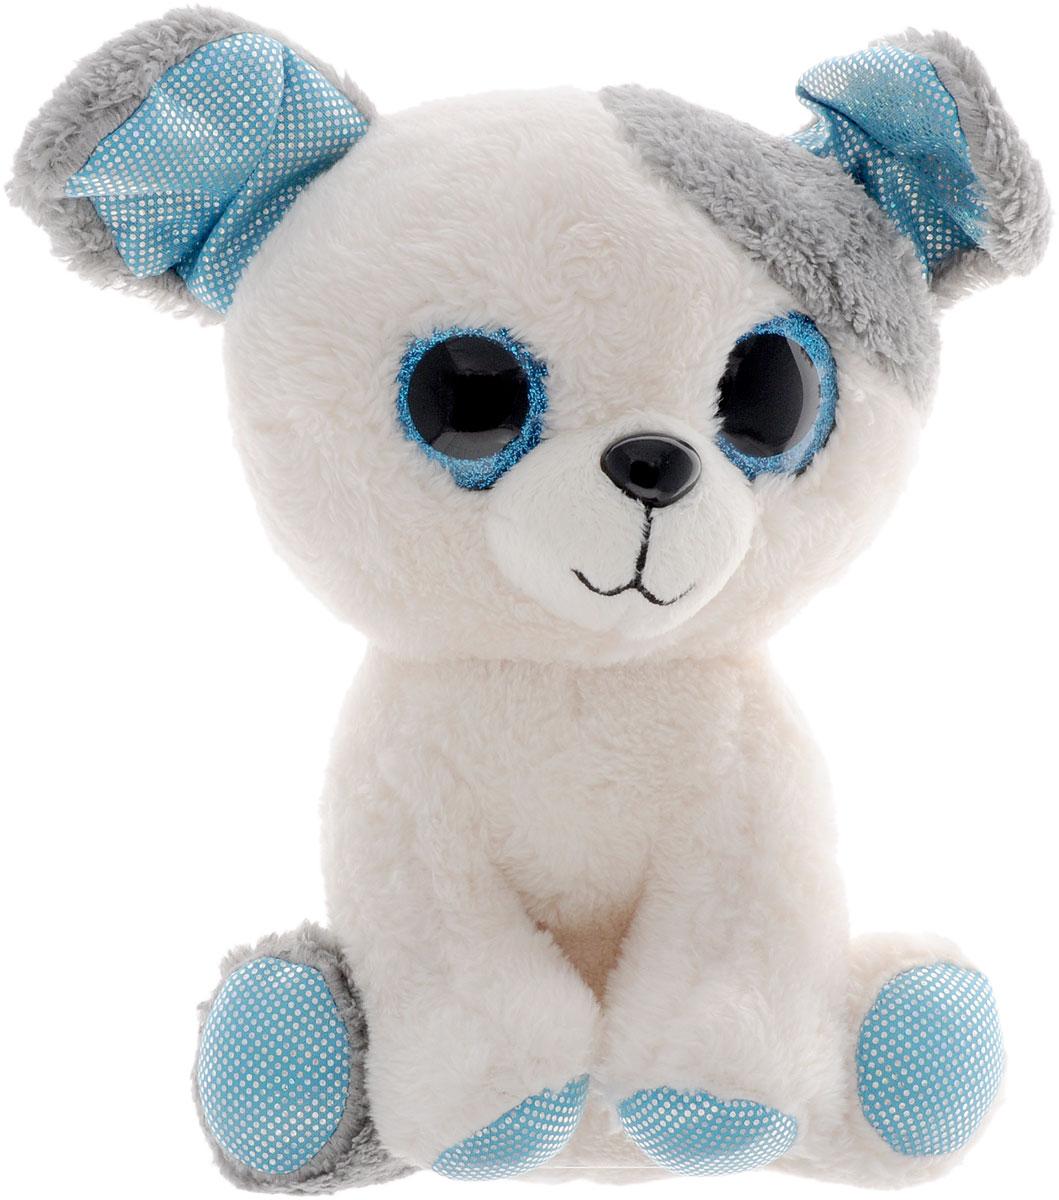 Fancy Мягкая игрушка Собачка Глазастик 22 см малышарики мягкая игрушка собака бассет хаунд 23 см